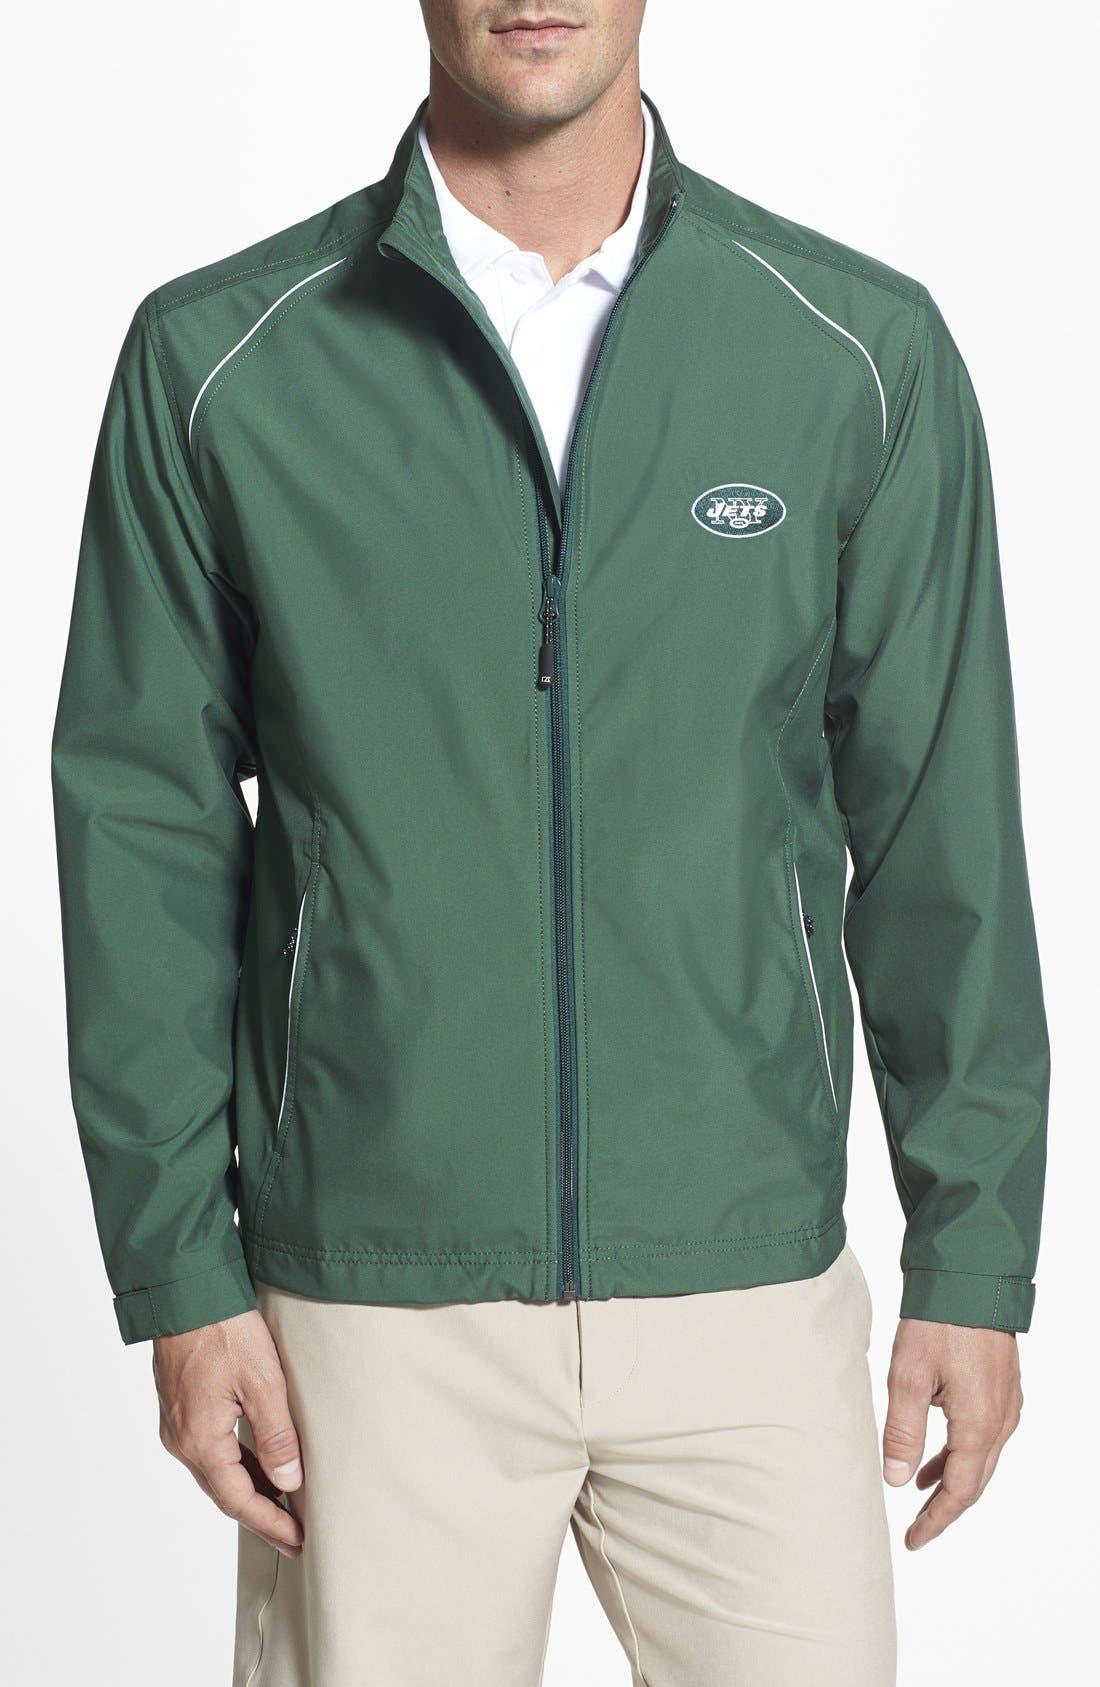 CUTTER & BUCK 'New York Jets - Beacon'